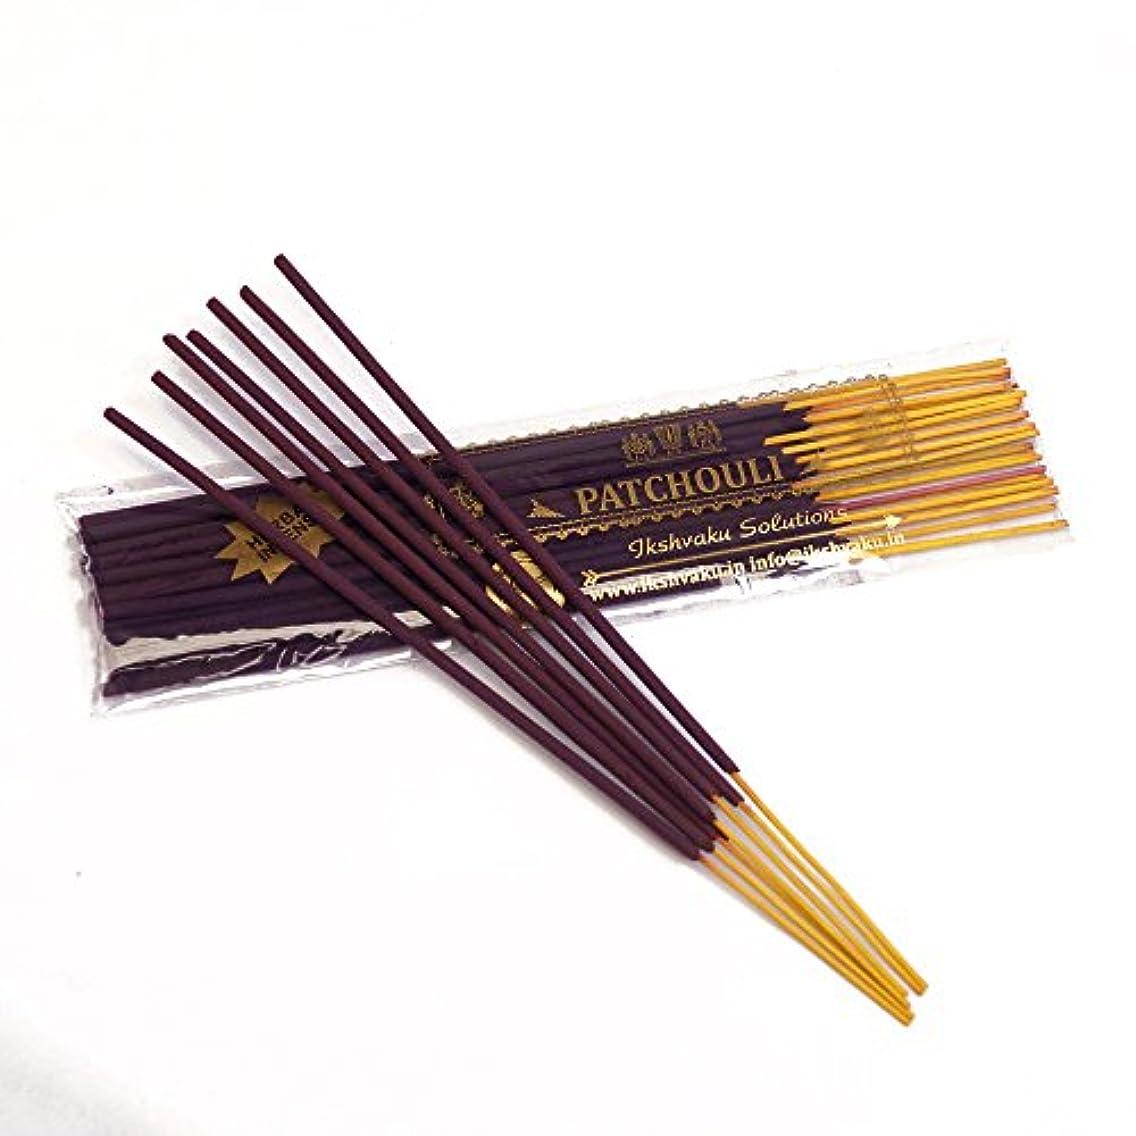 スケート口ひげ真実にPatchouli Incense Sticks 125